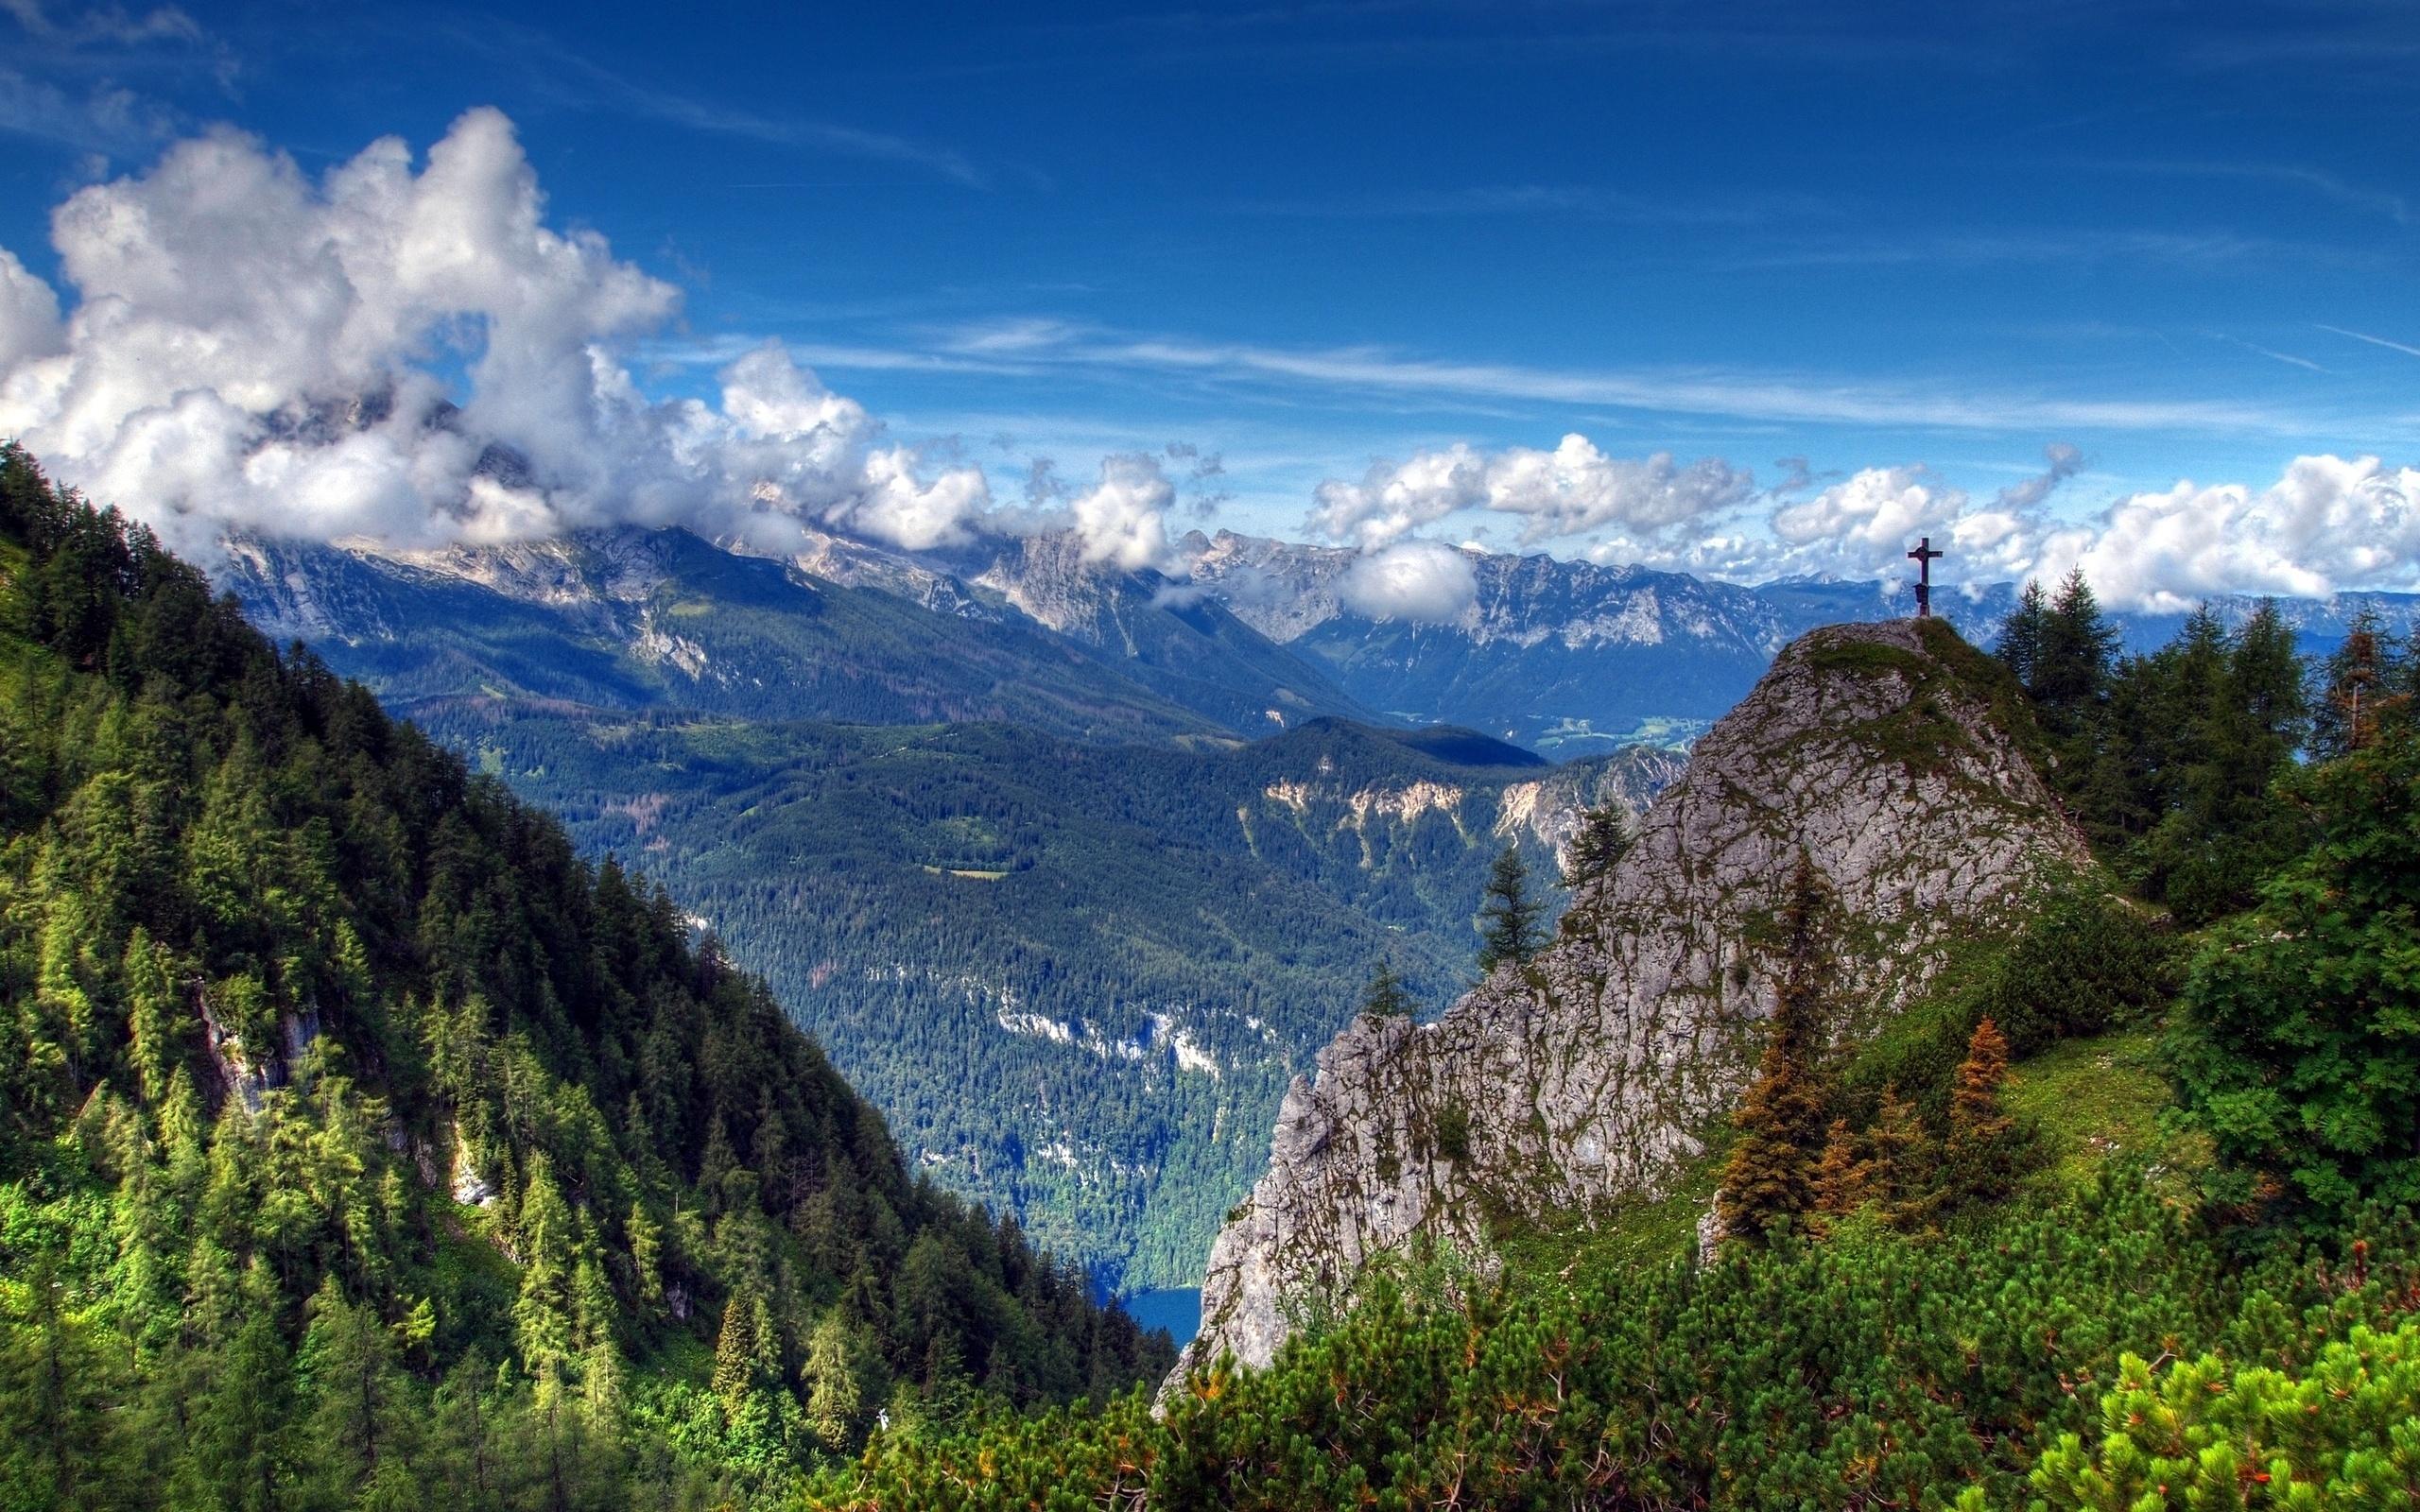 природа лес деревья ели гора облака небо  № 2757454 без смс